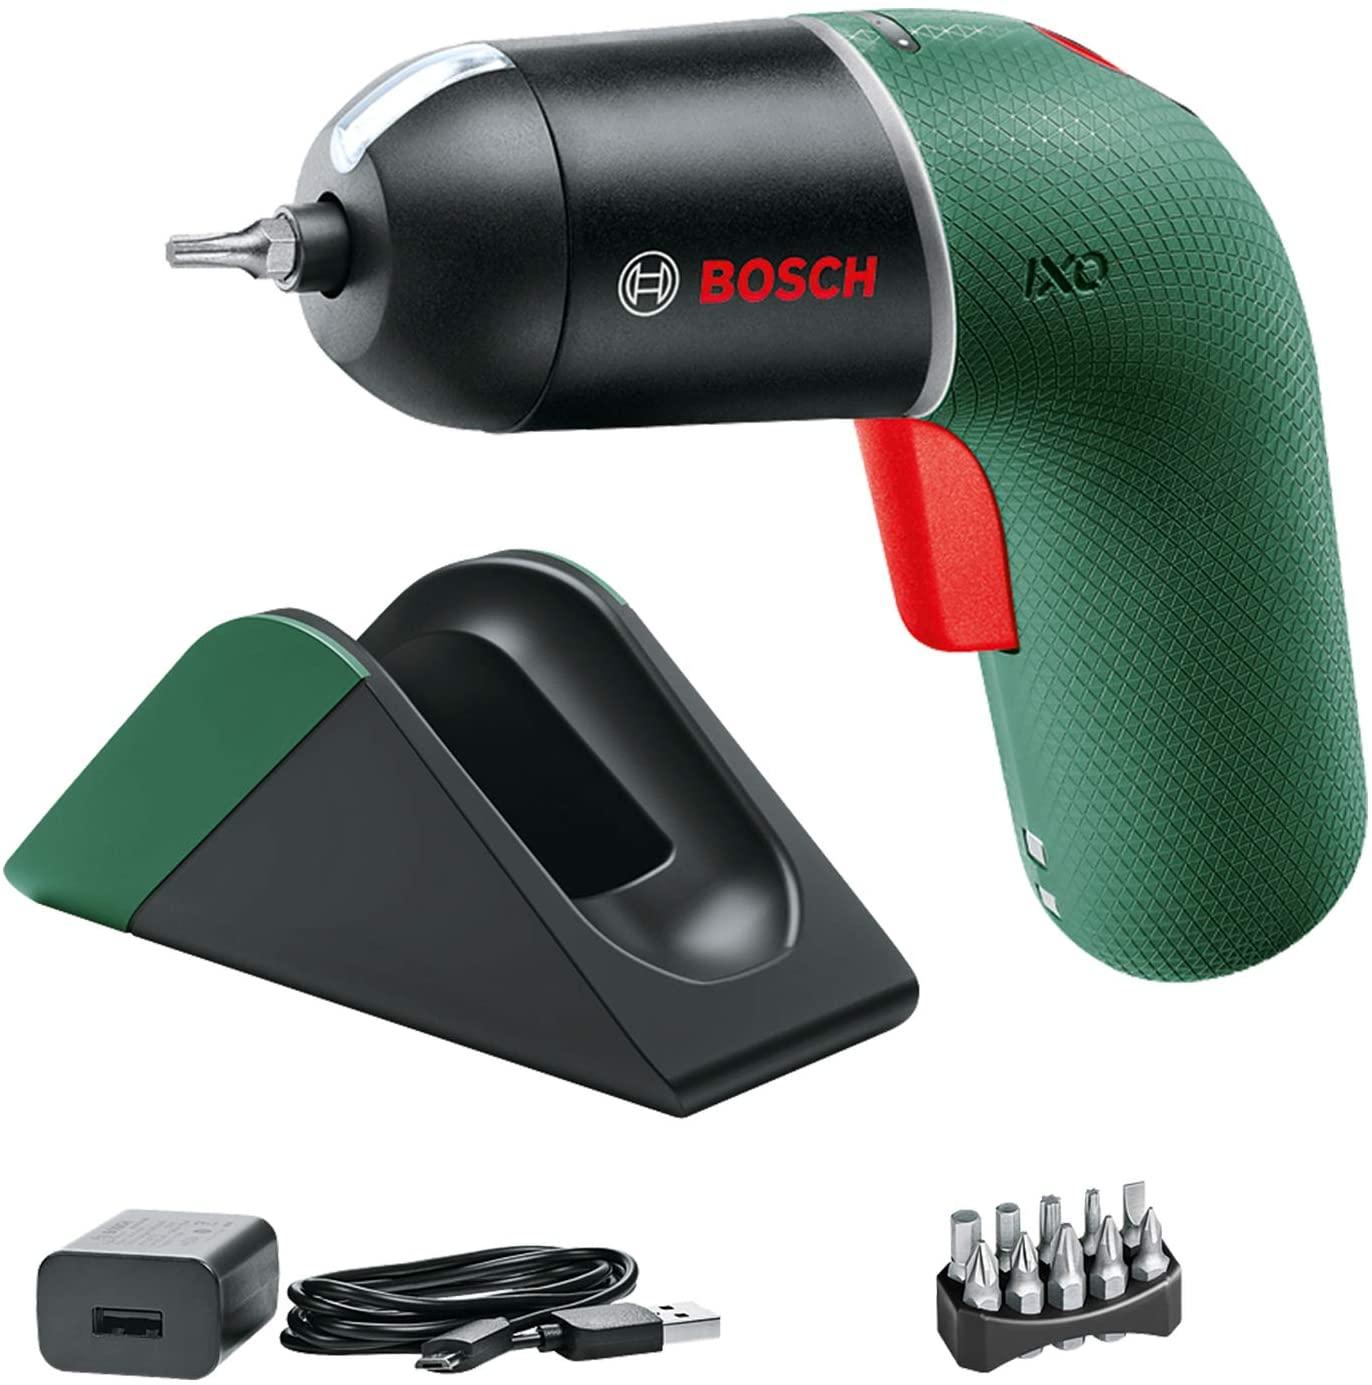 Bosch IXO Set Atornillador a batería